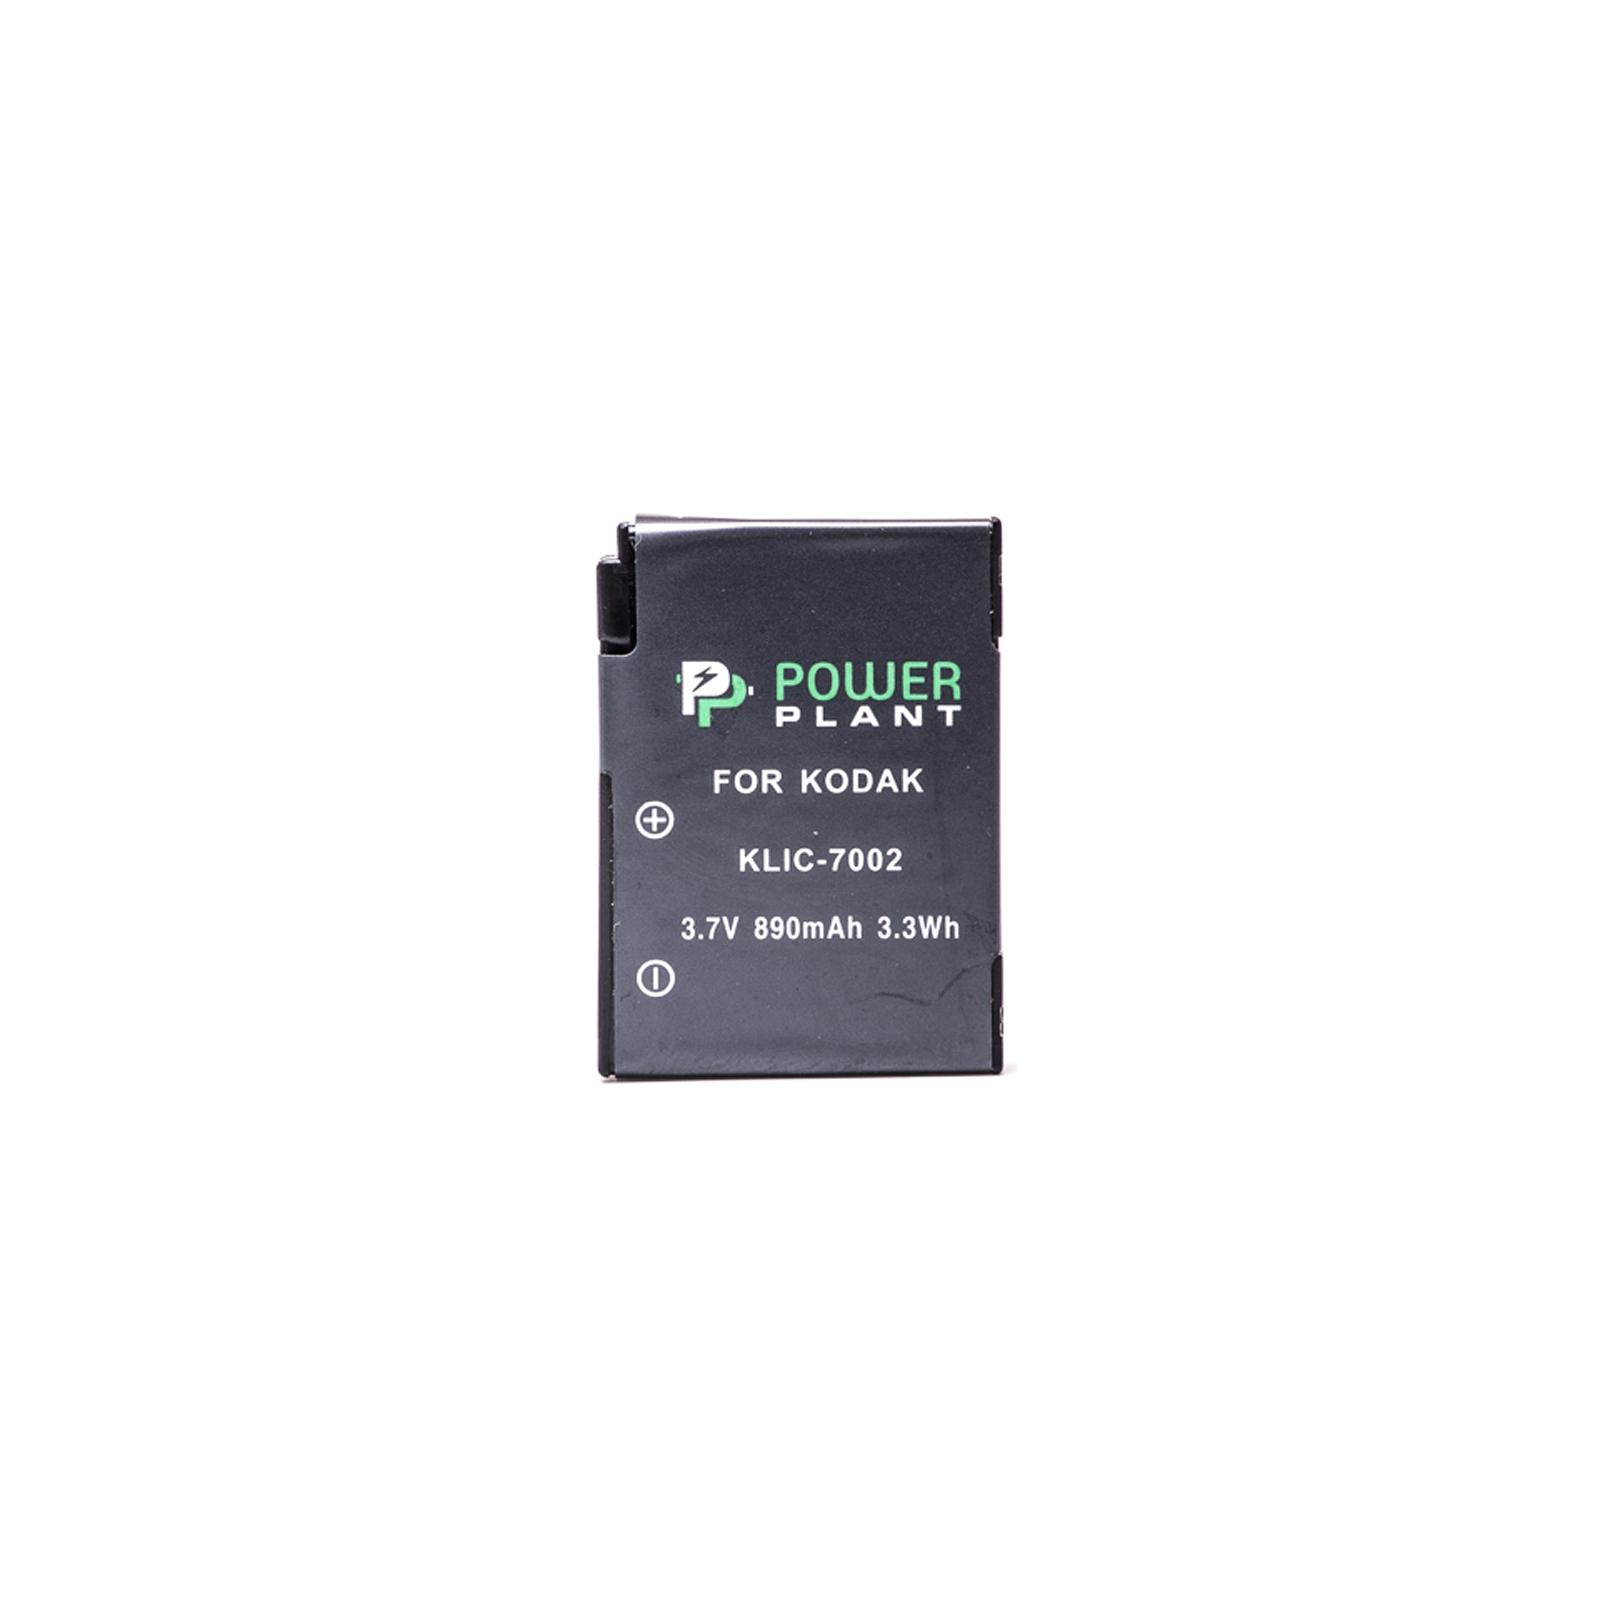 Аккумулятор к фото/видео PowerPlant Kodak KLIC-7002 (DV00DV1154) изображение 2